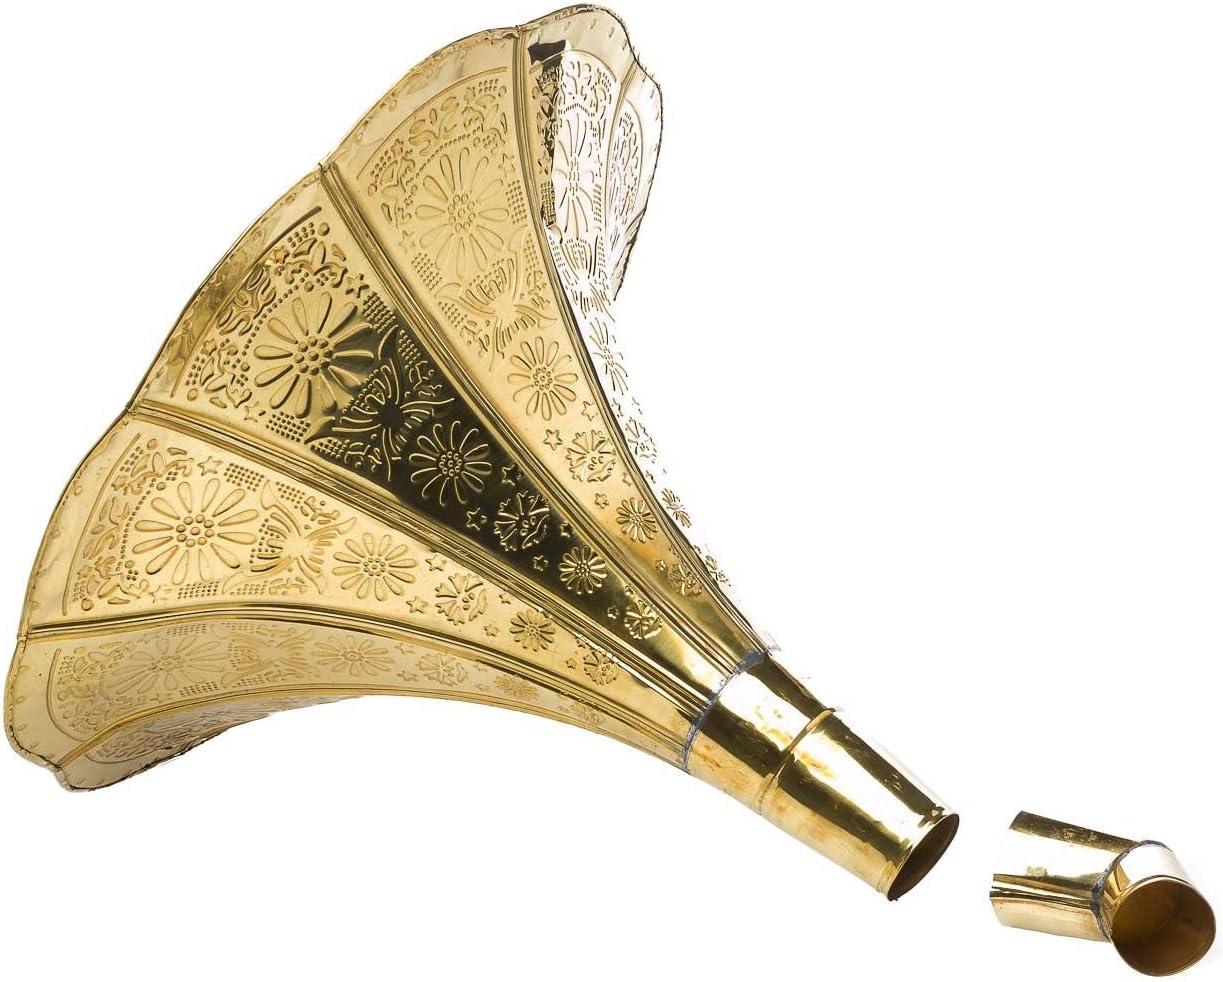 Horn grammofono tromba con ornamenti doro in stile antico